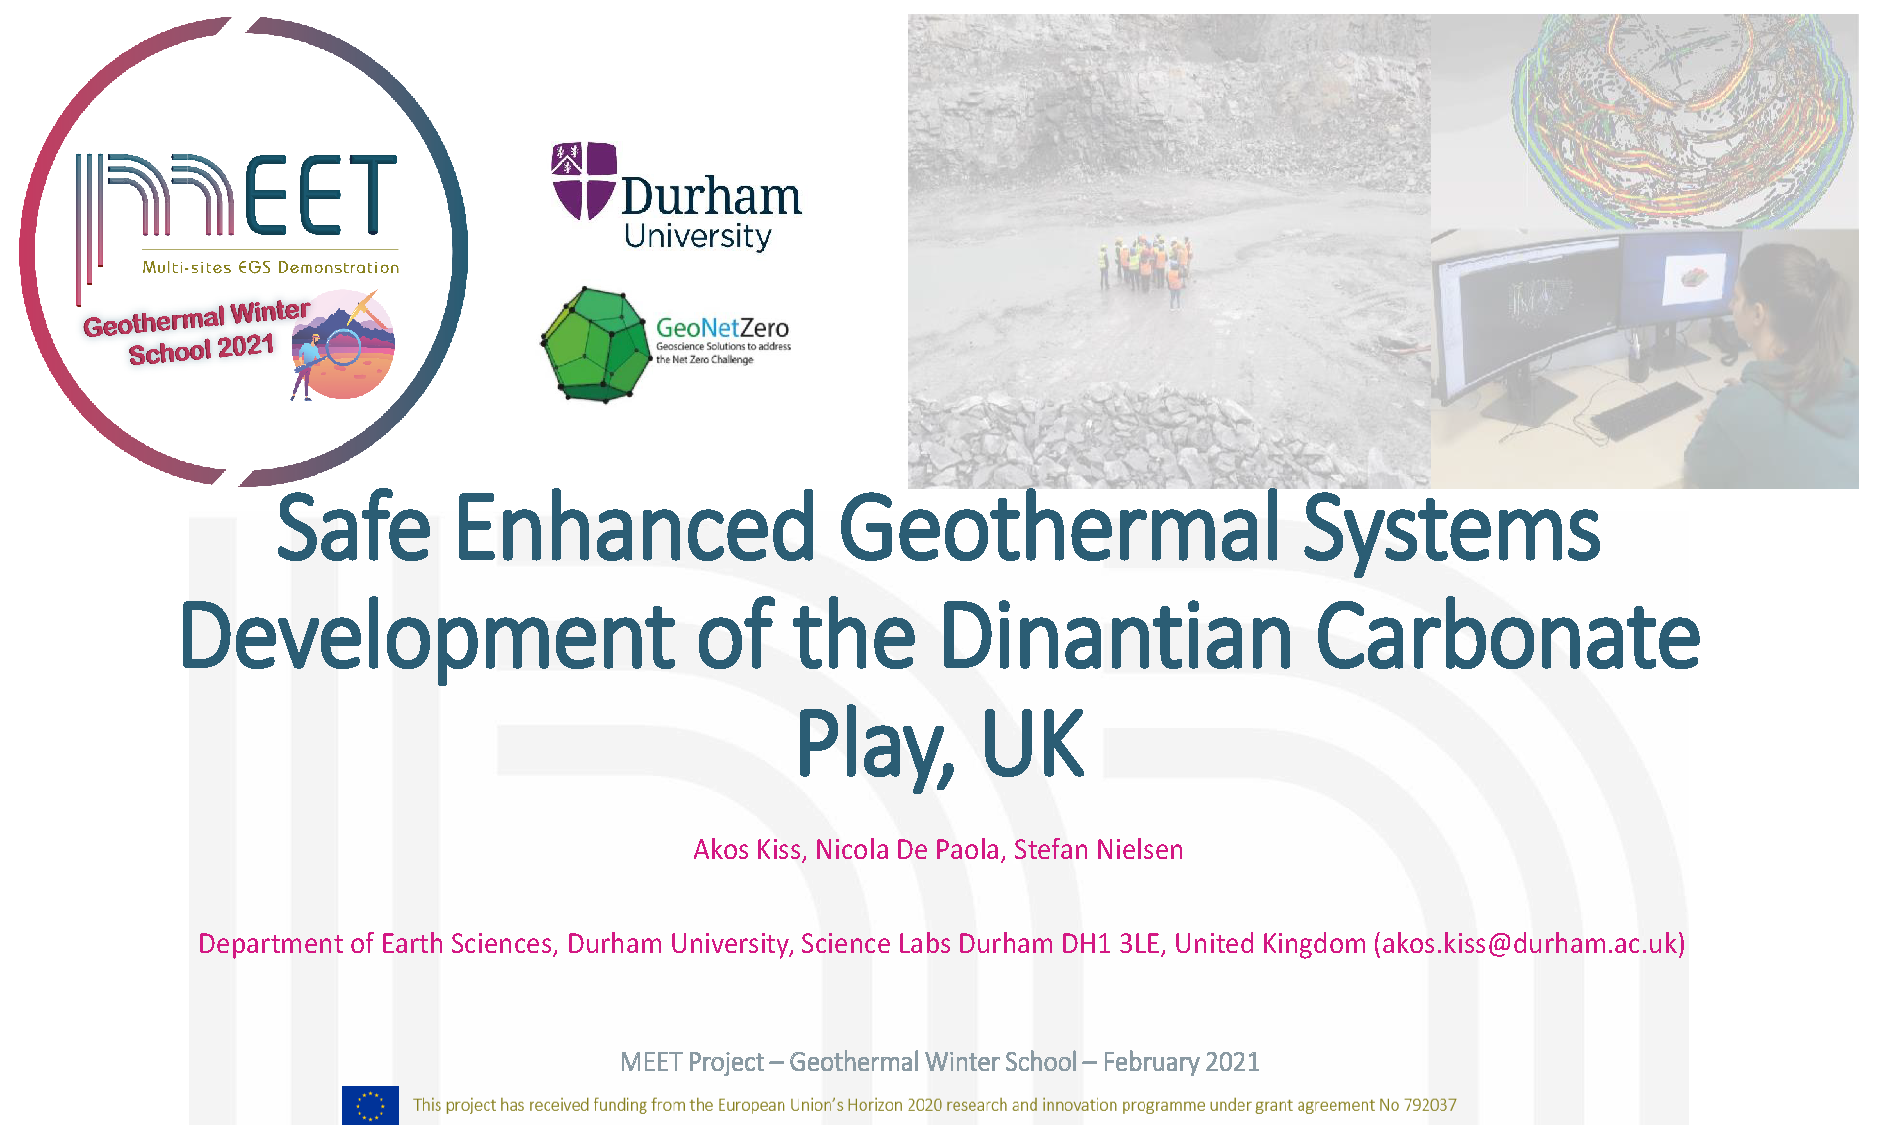 MEET Geothermal Winter School Akos Kiss first slide visual